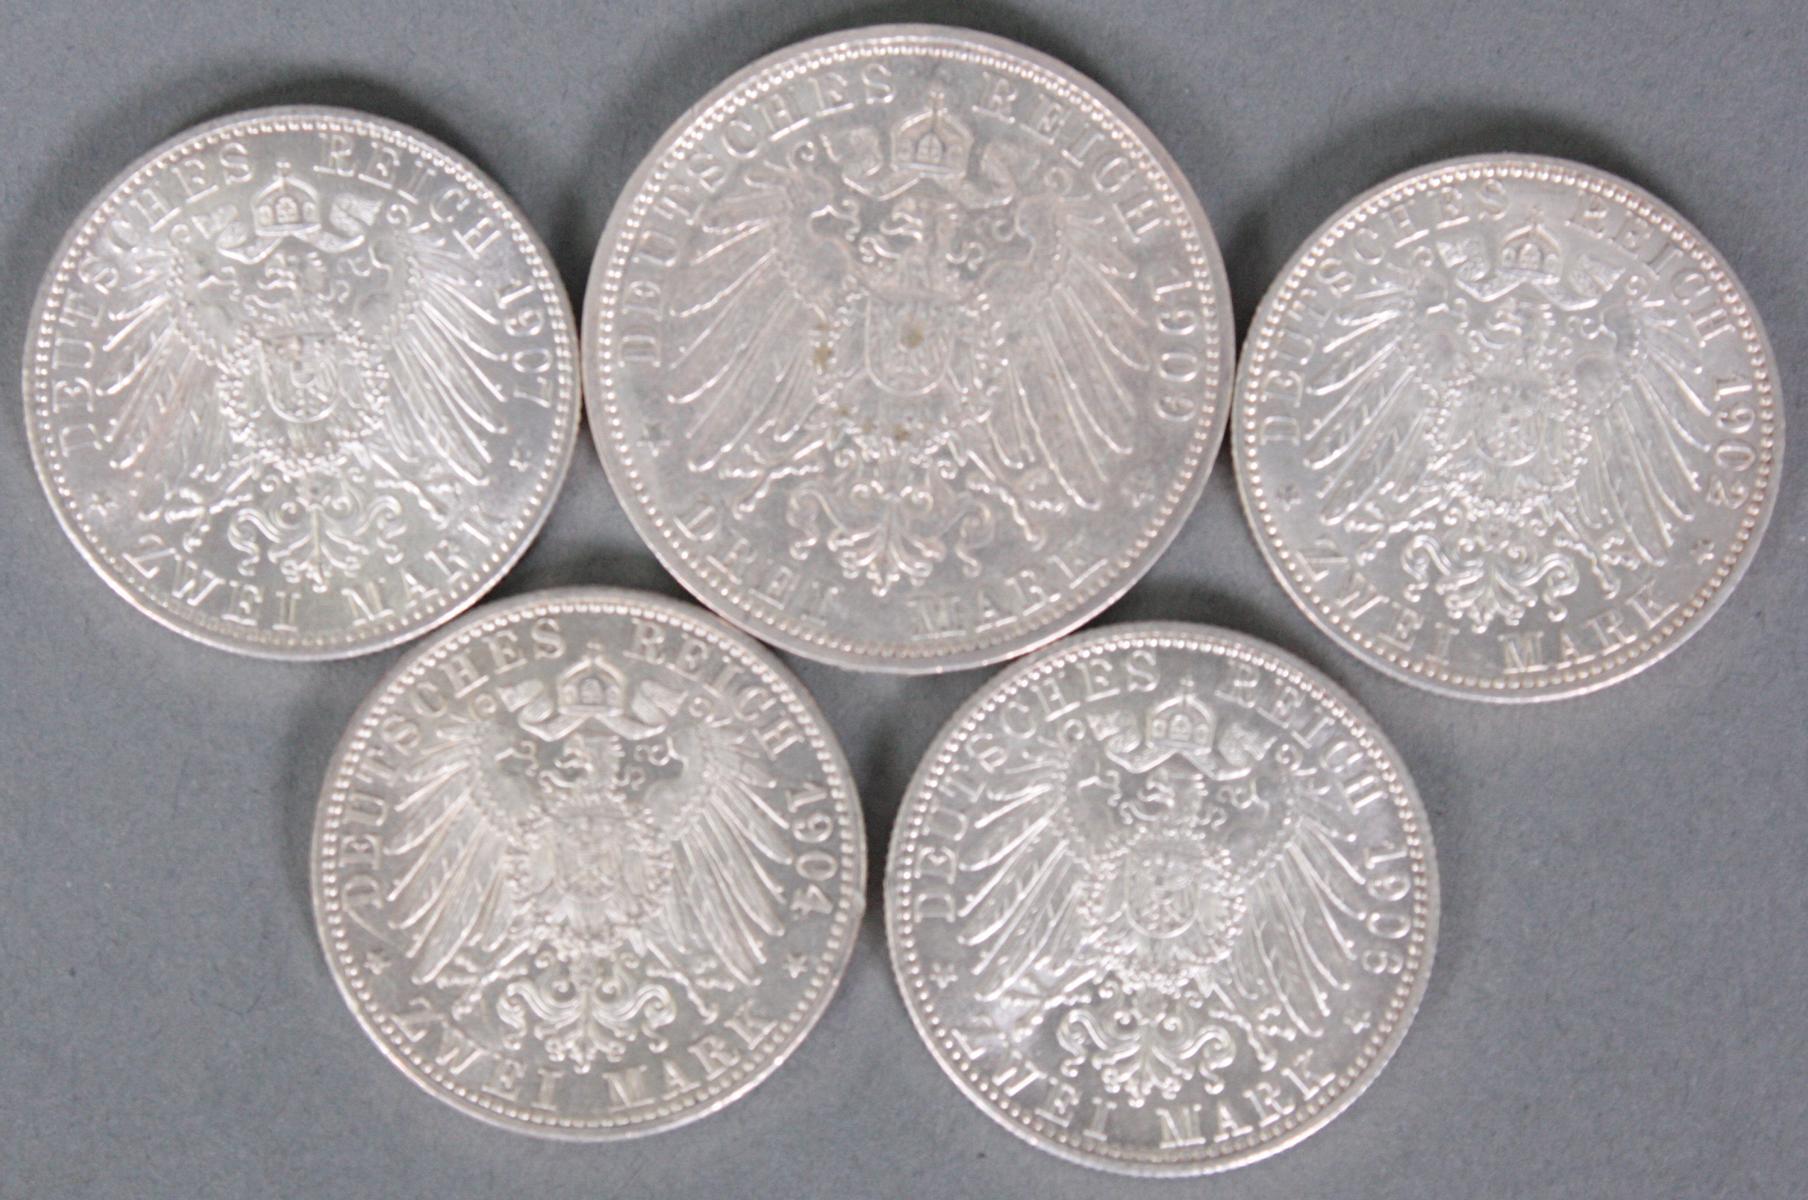 Baden, 5 Münzen, 3 Mark und 2 Mark-2